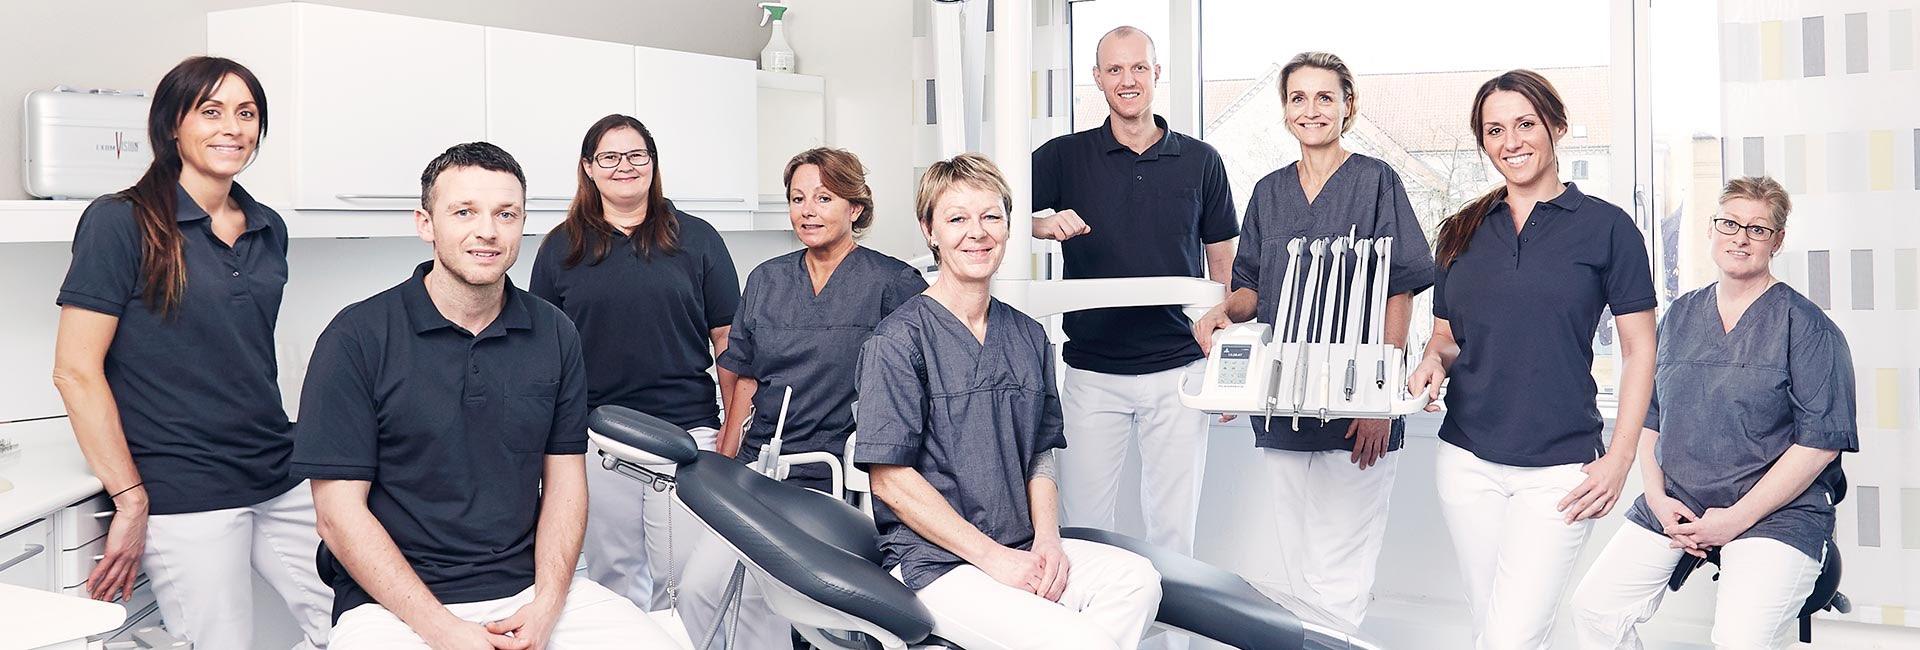 Tandlægerne i vesterbrogade